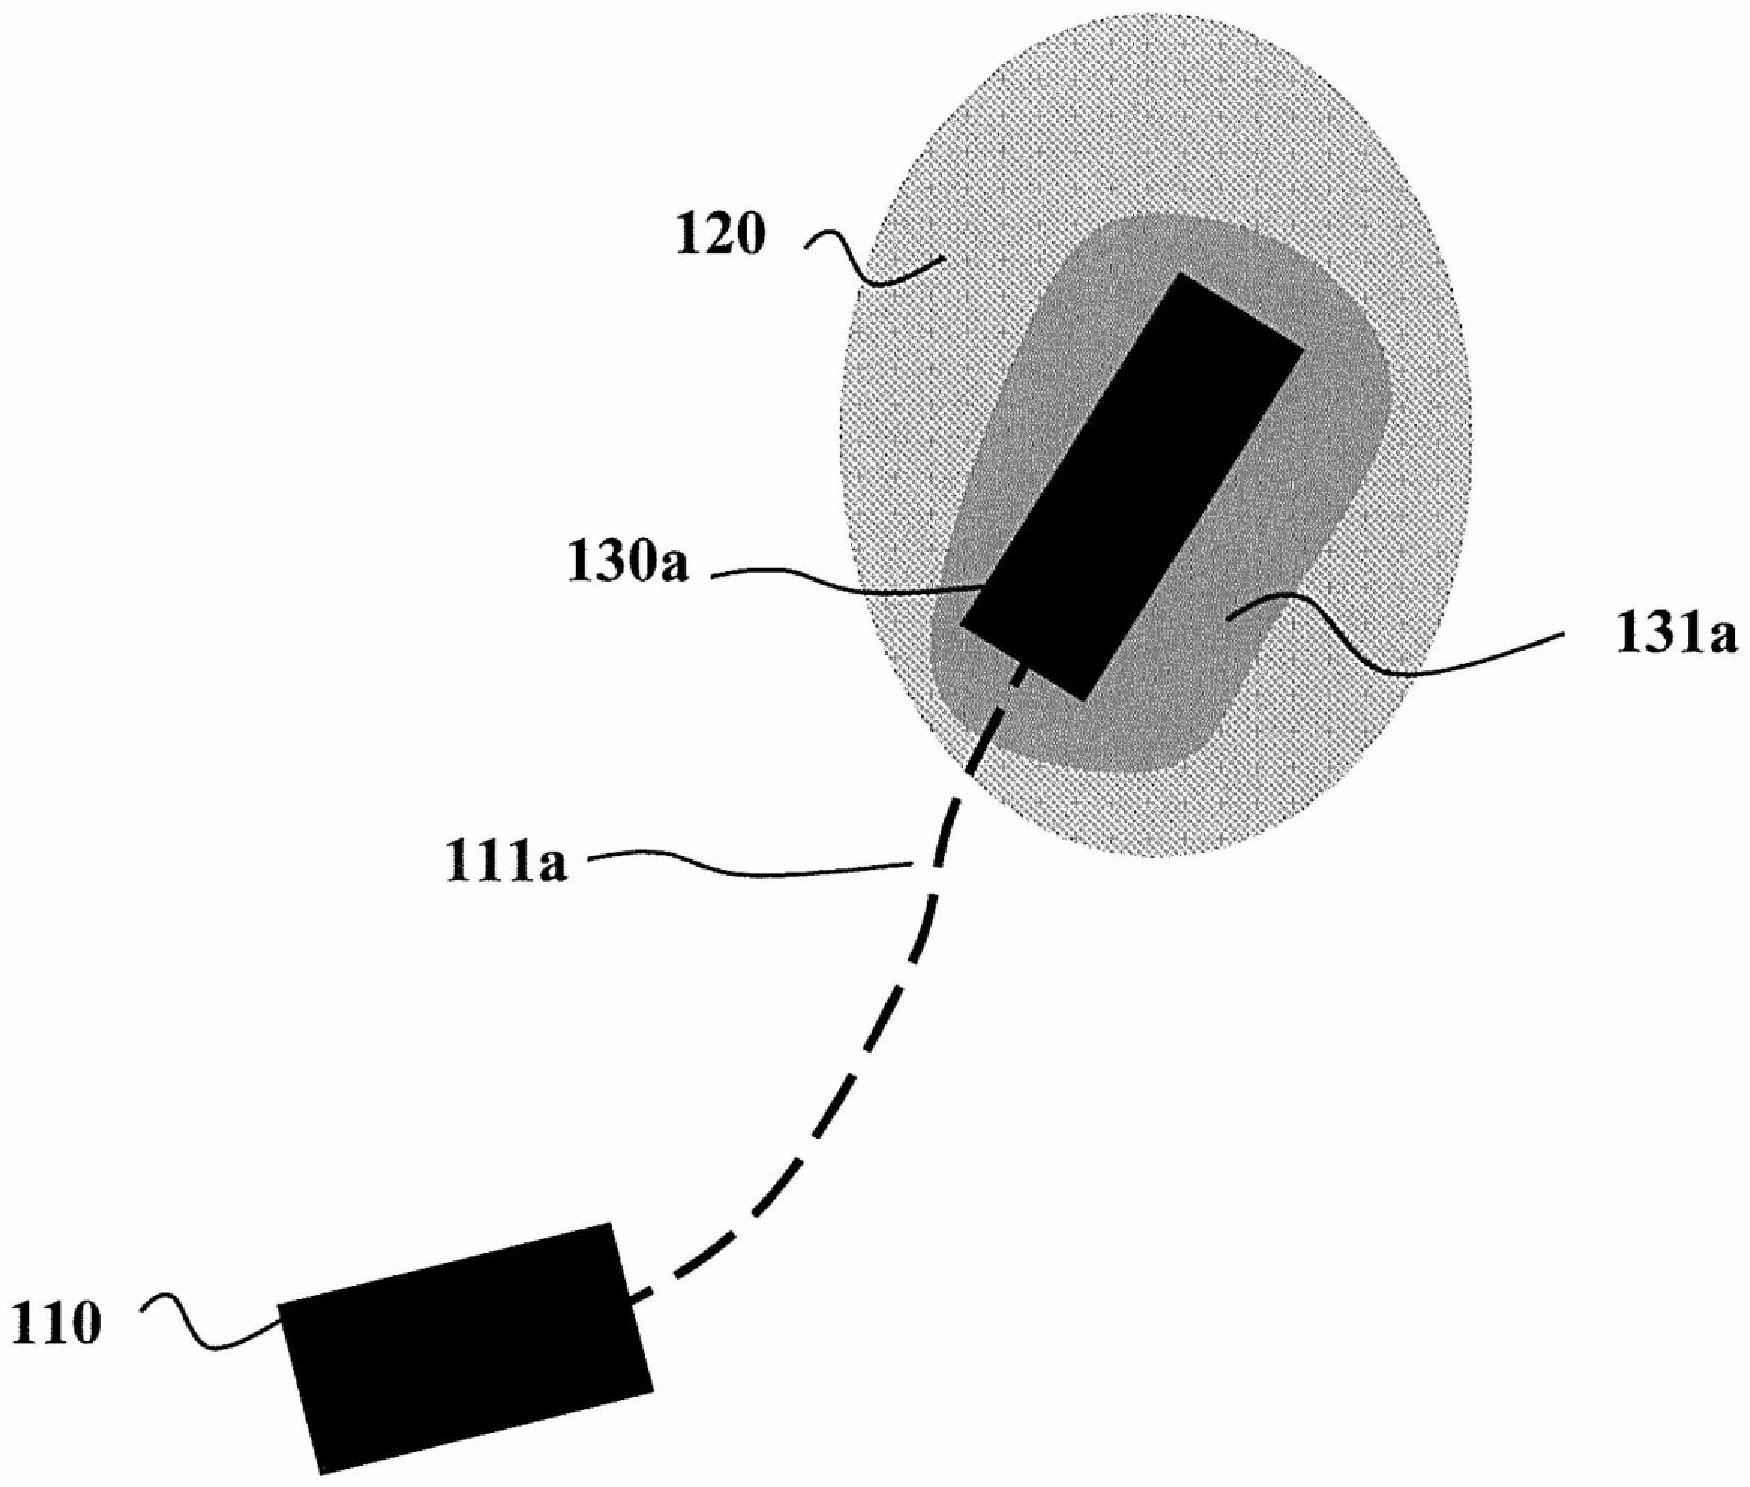 Figure DE112017000787T5_0000